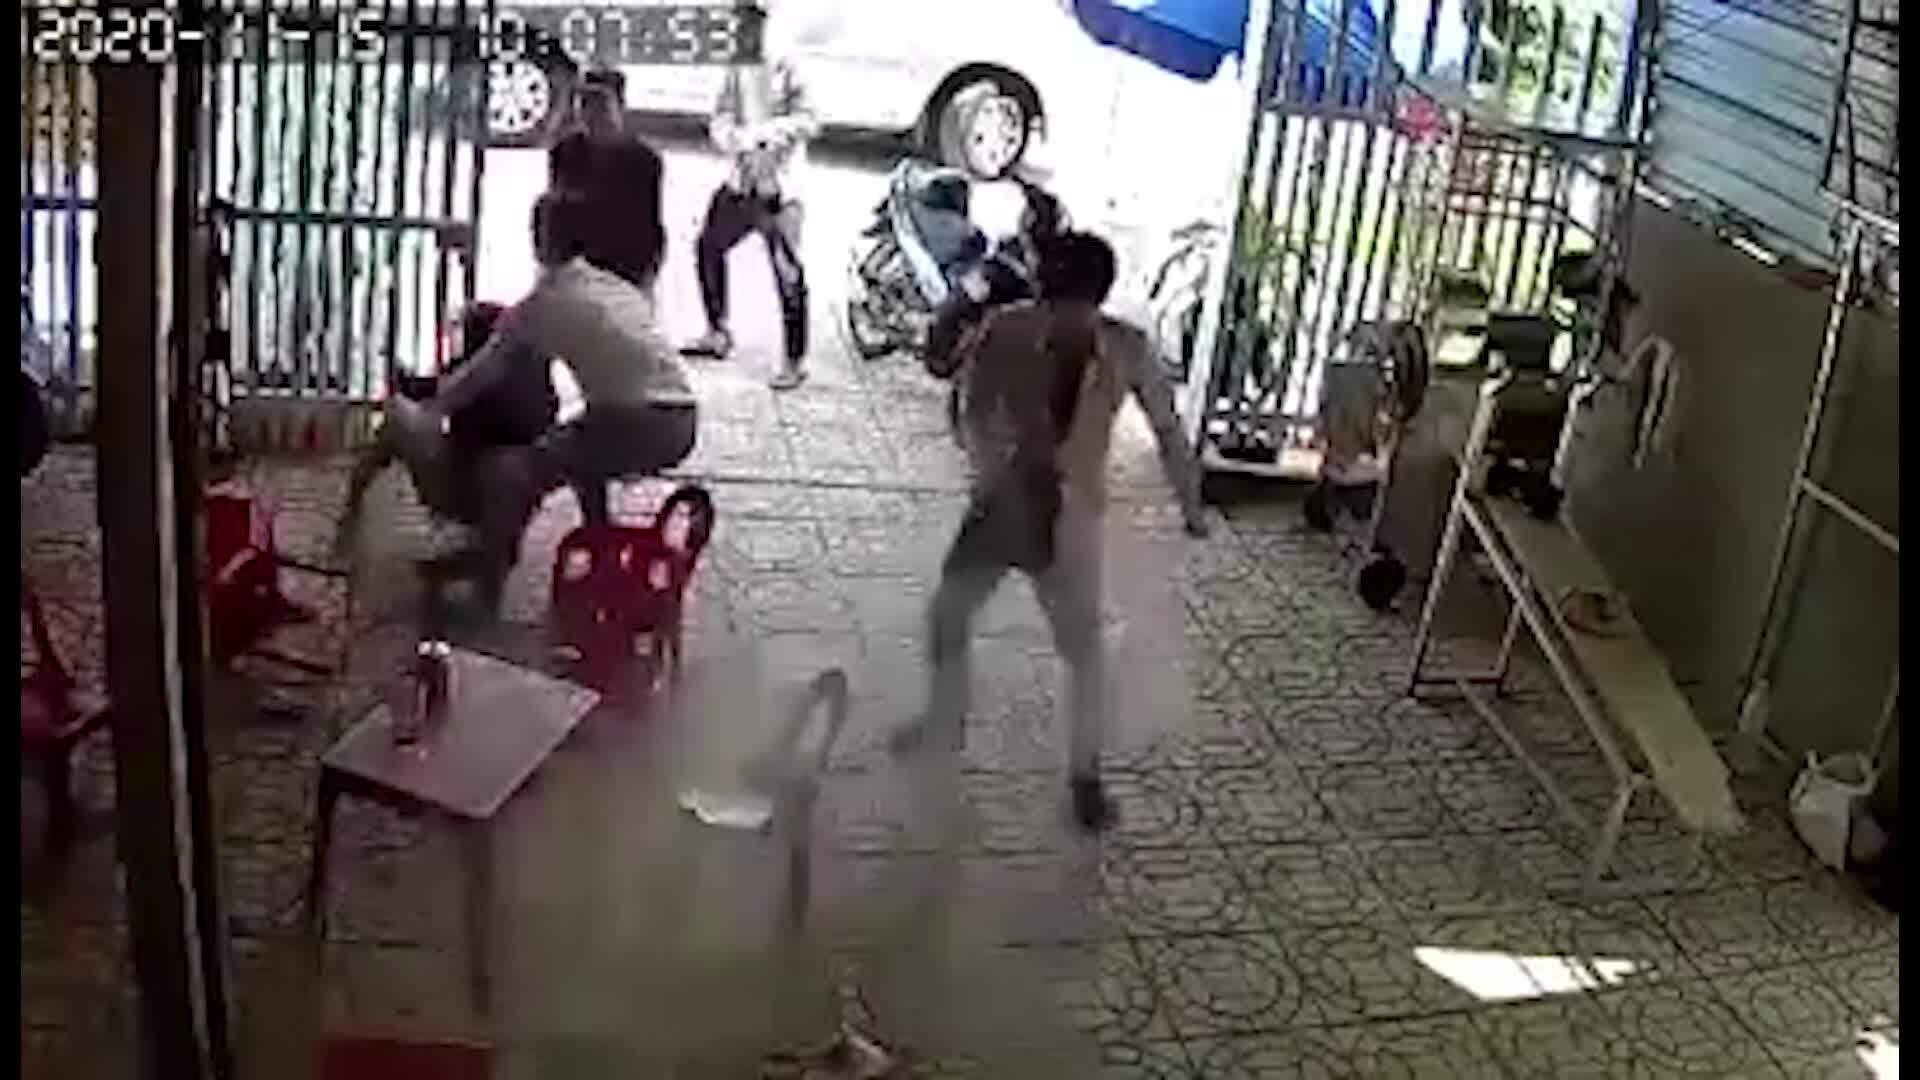 Đâm chết người khi giải cứu vợ khỏi nhóm 'bắt cóc'